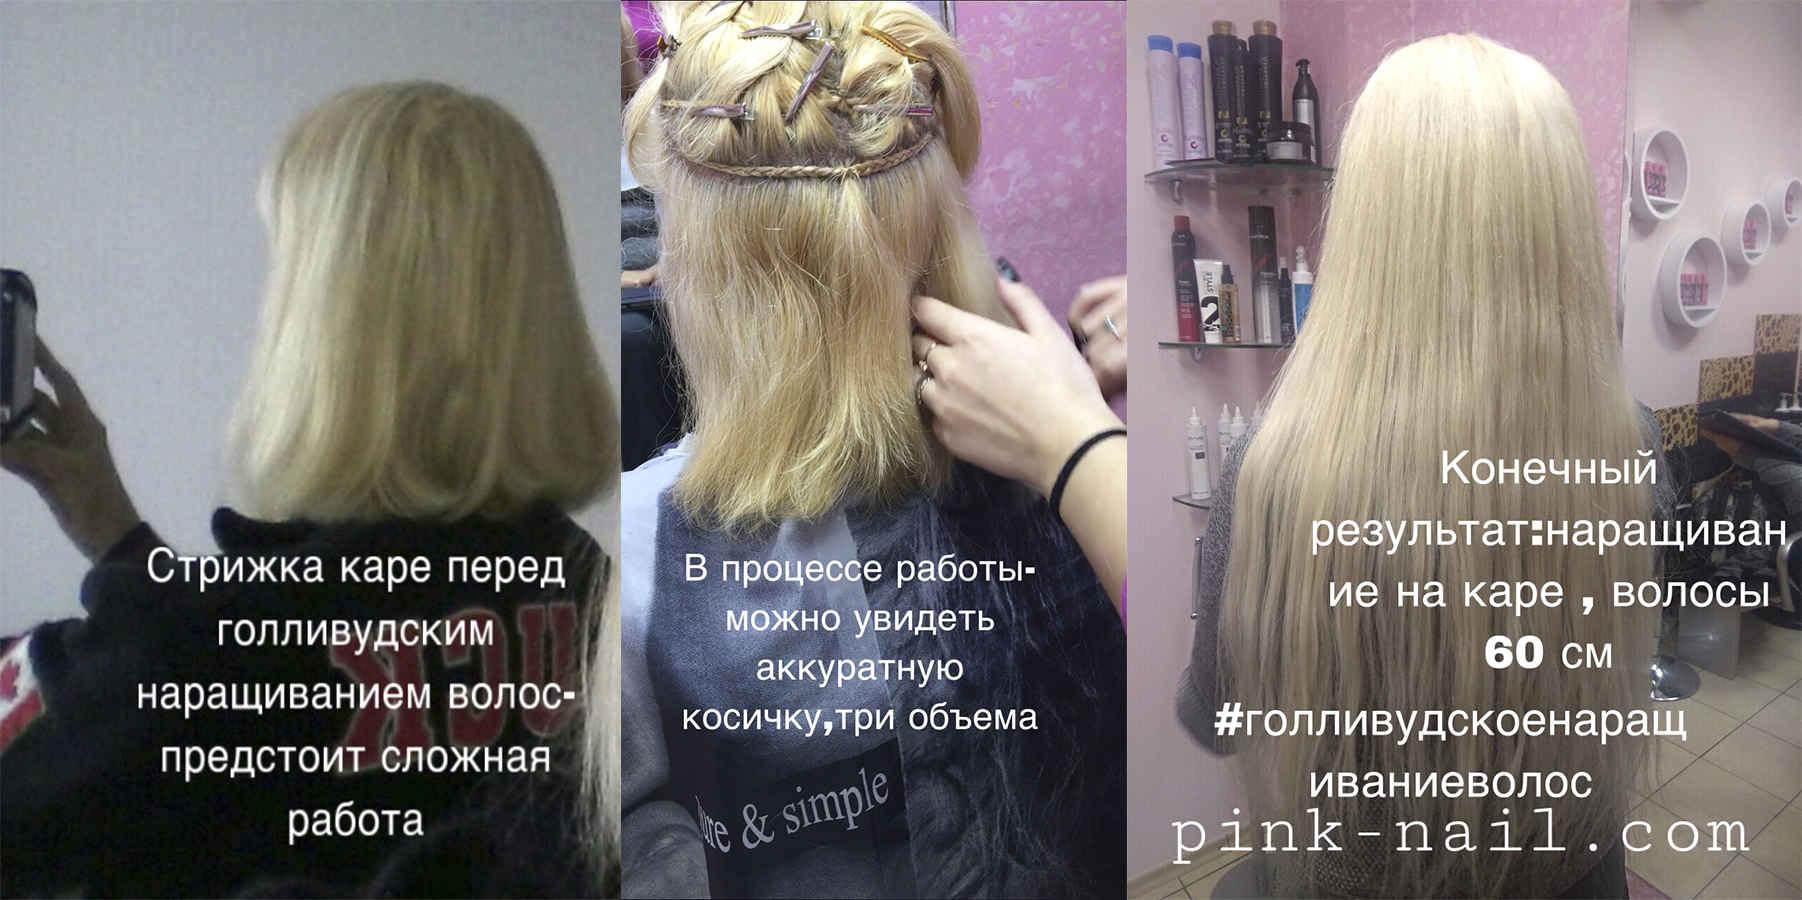 Голливудское наращивание волос Минск студия Розовая пантера